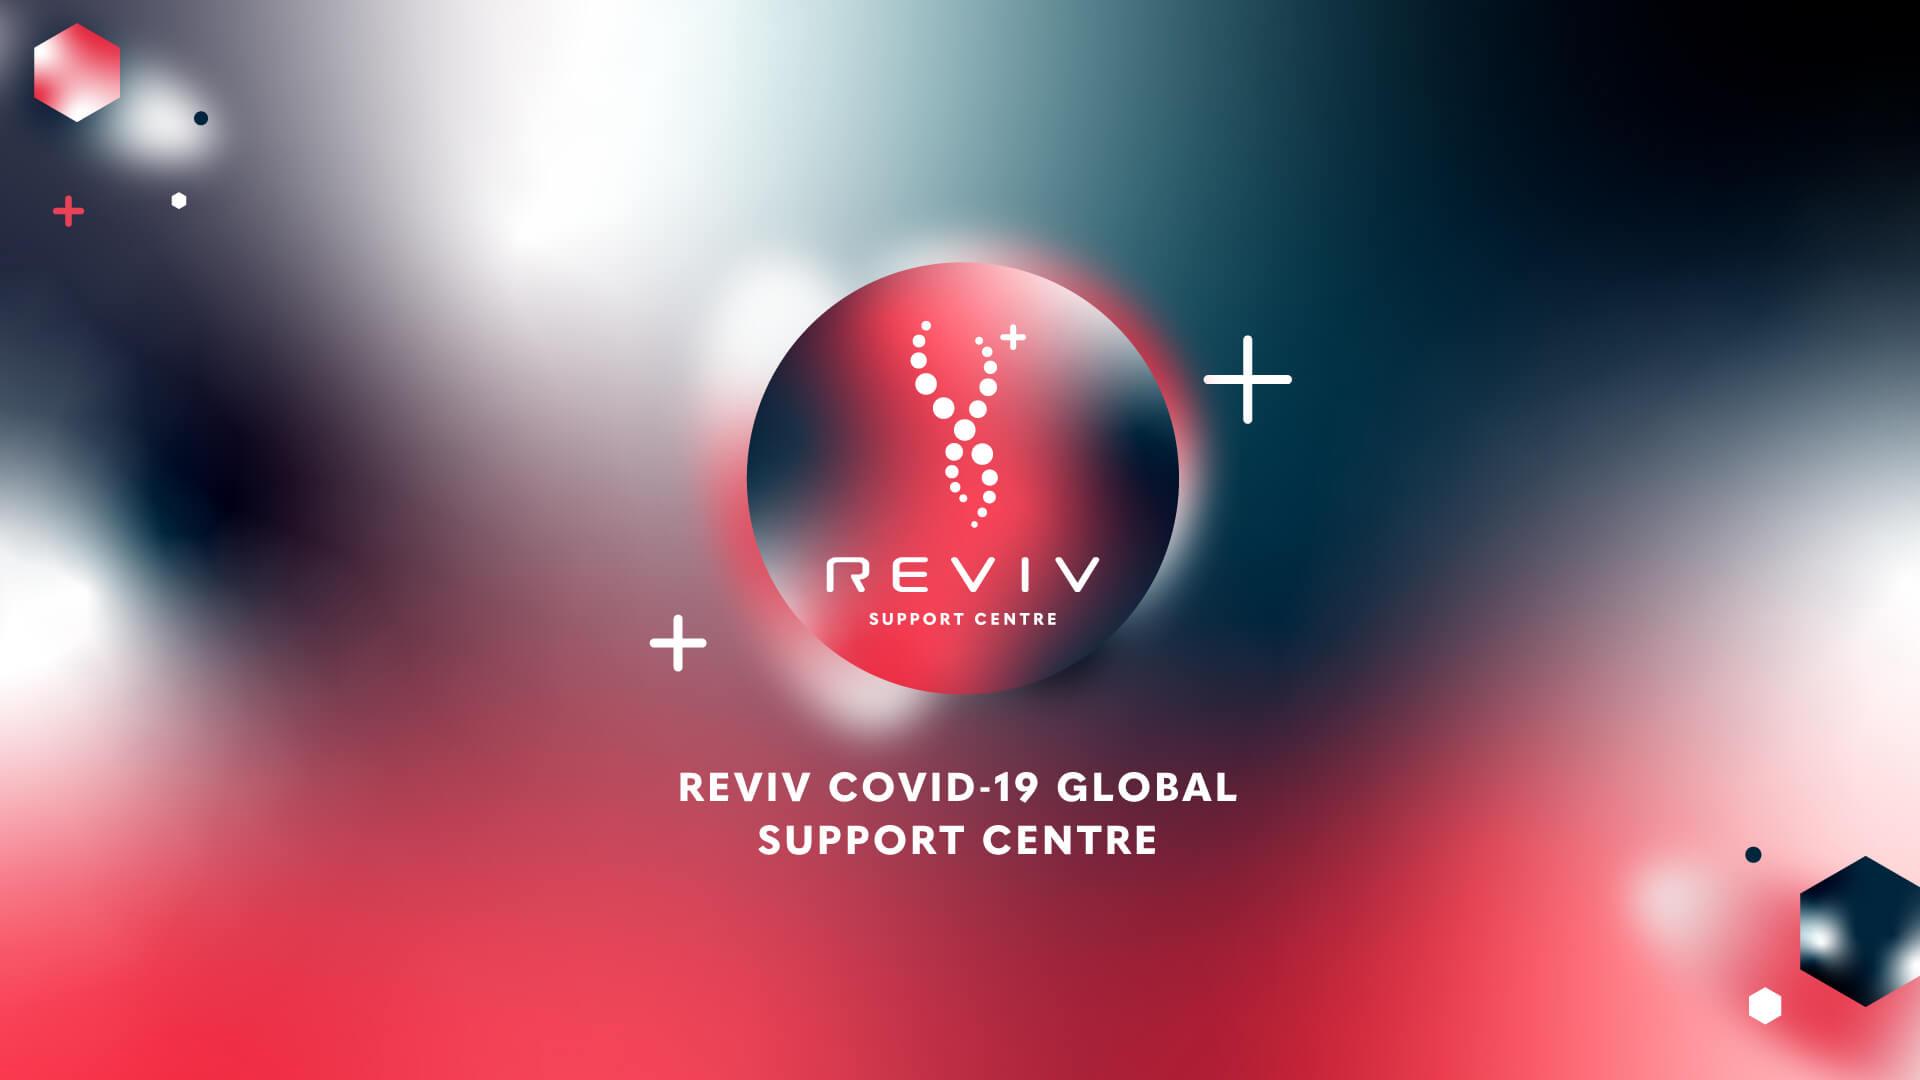 REVIV Global Support